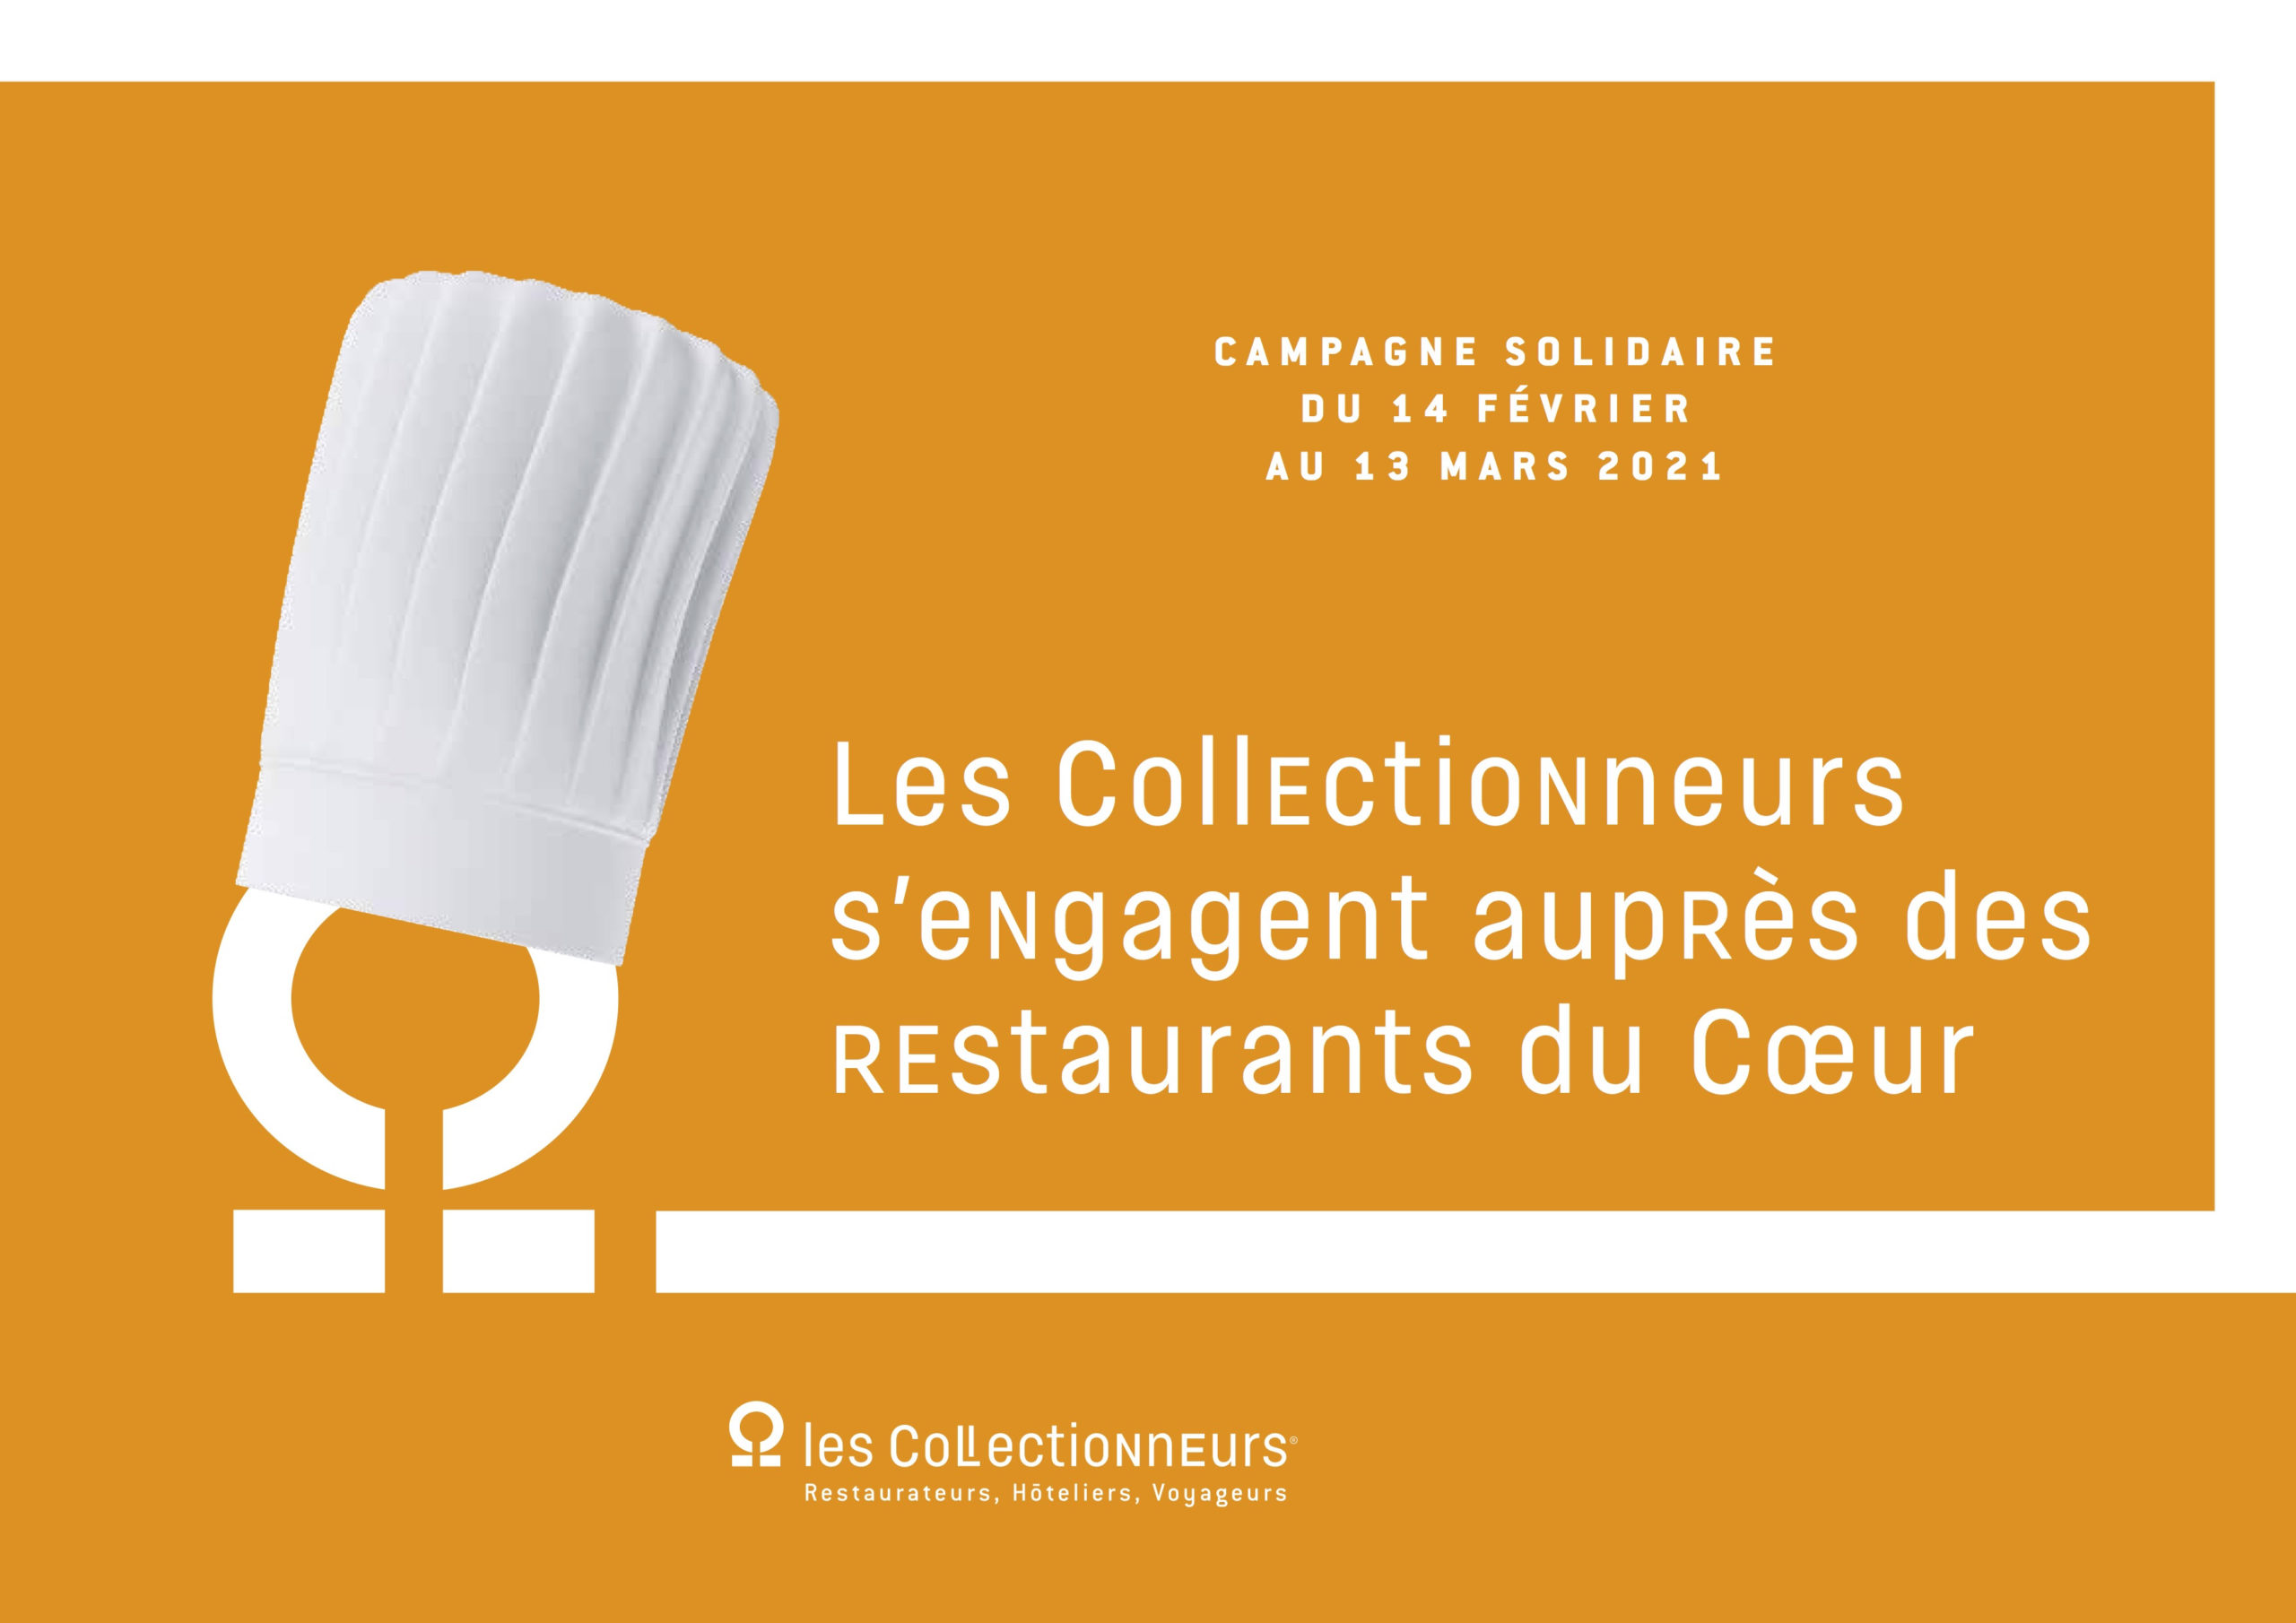 Les Collectionneurs s'engagent auprès des Restaurants du Cœur